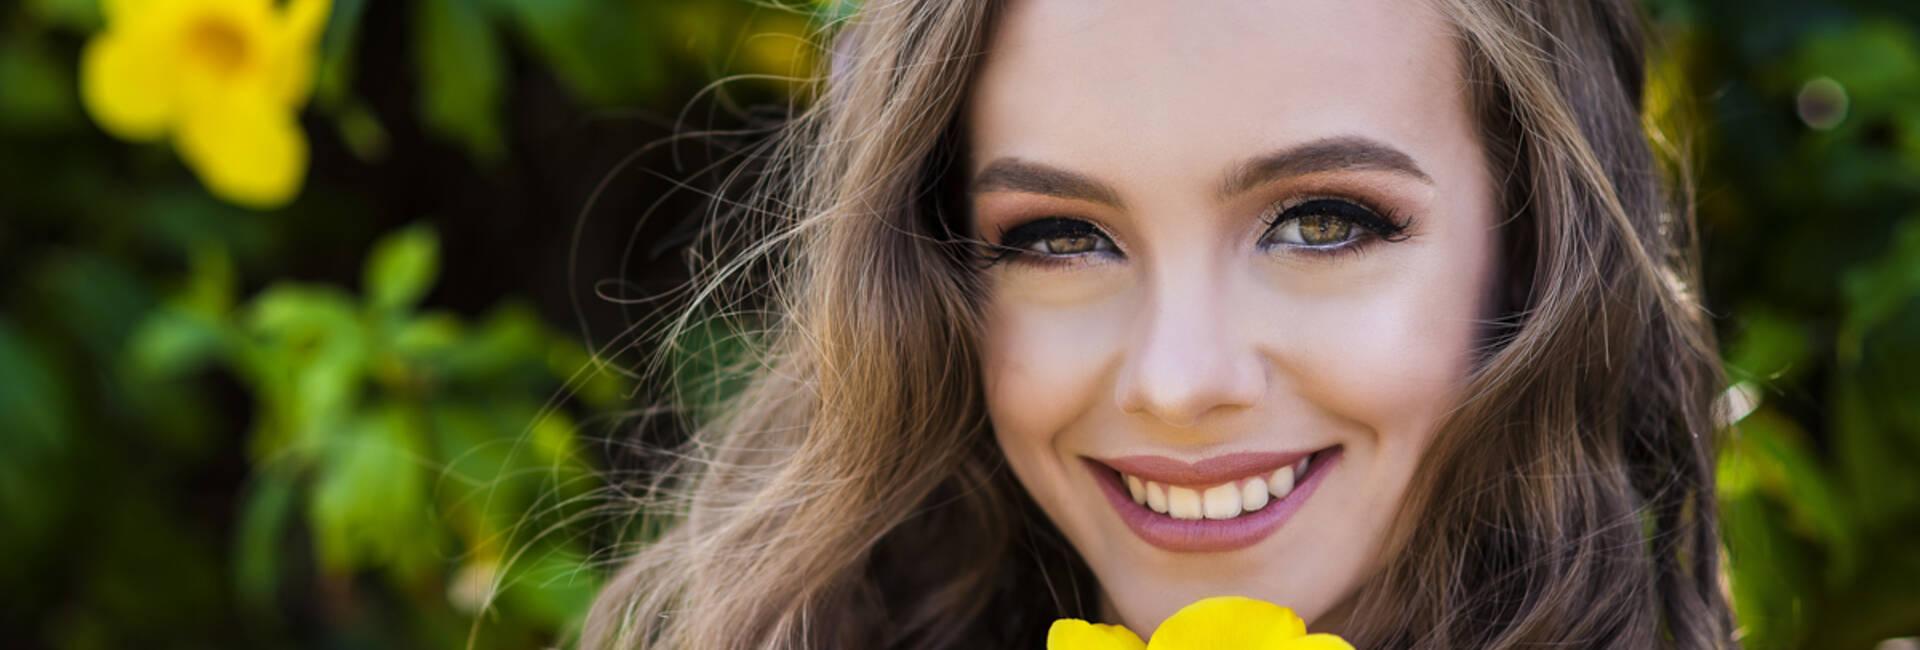 15 Anos de Júlia Alves